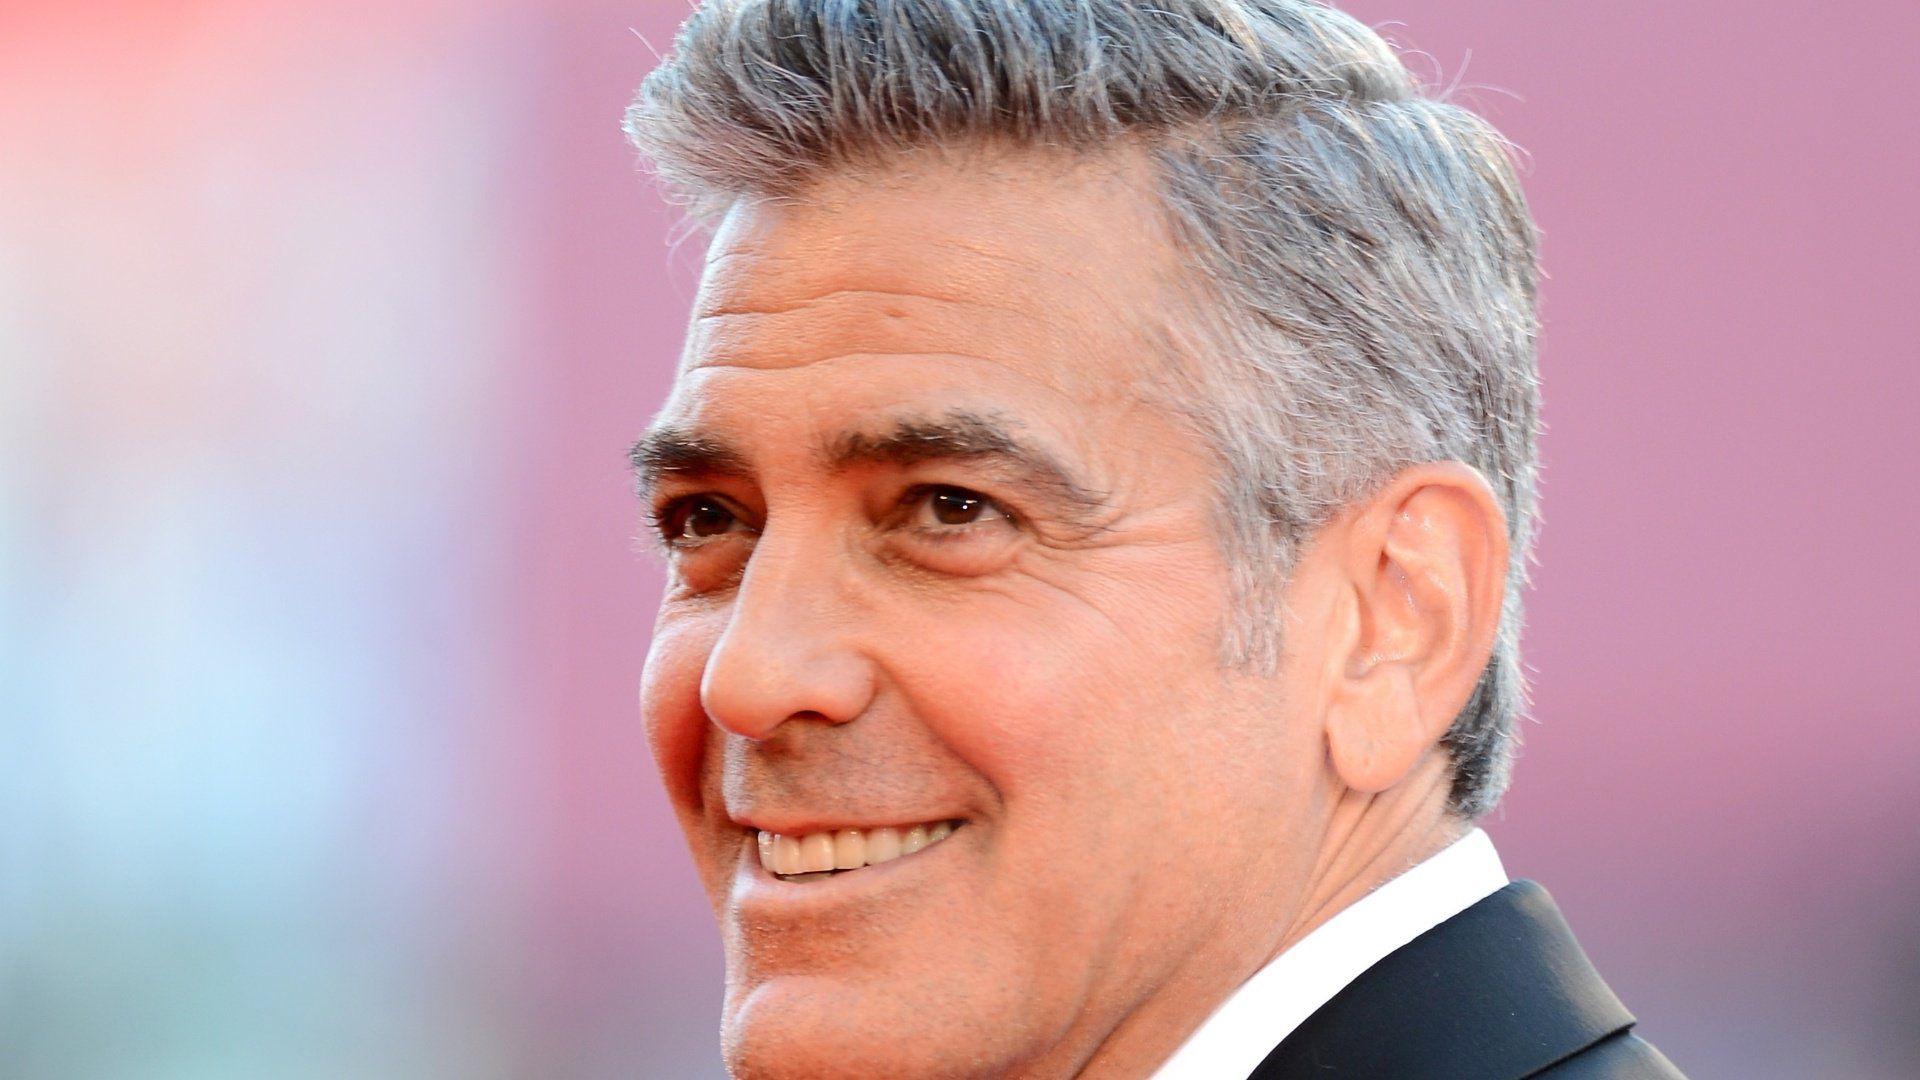 Billede fra http://onemillionwallpapers.com/wp-content/uploads/2015/04/george_clooney_celebrities_pictures_for_onda_v975w.jpg.